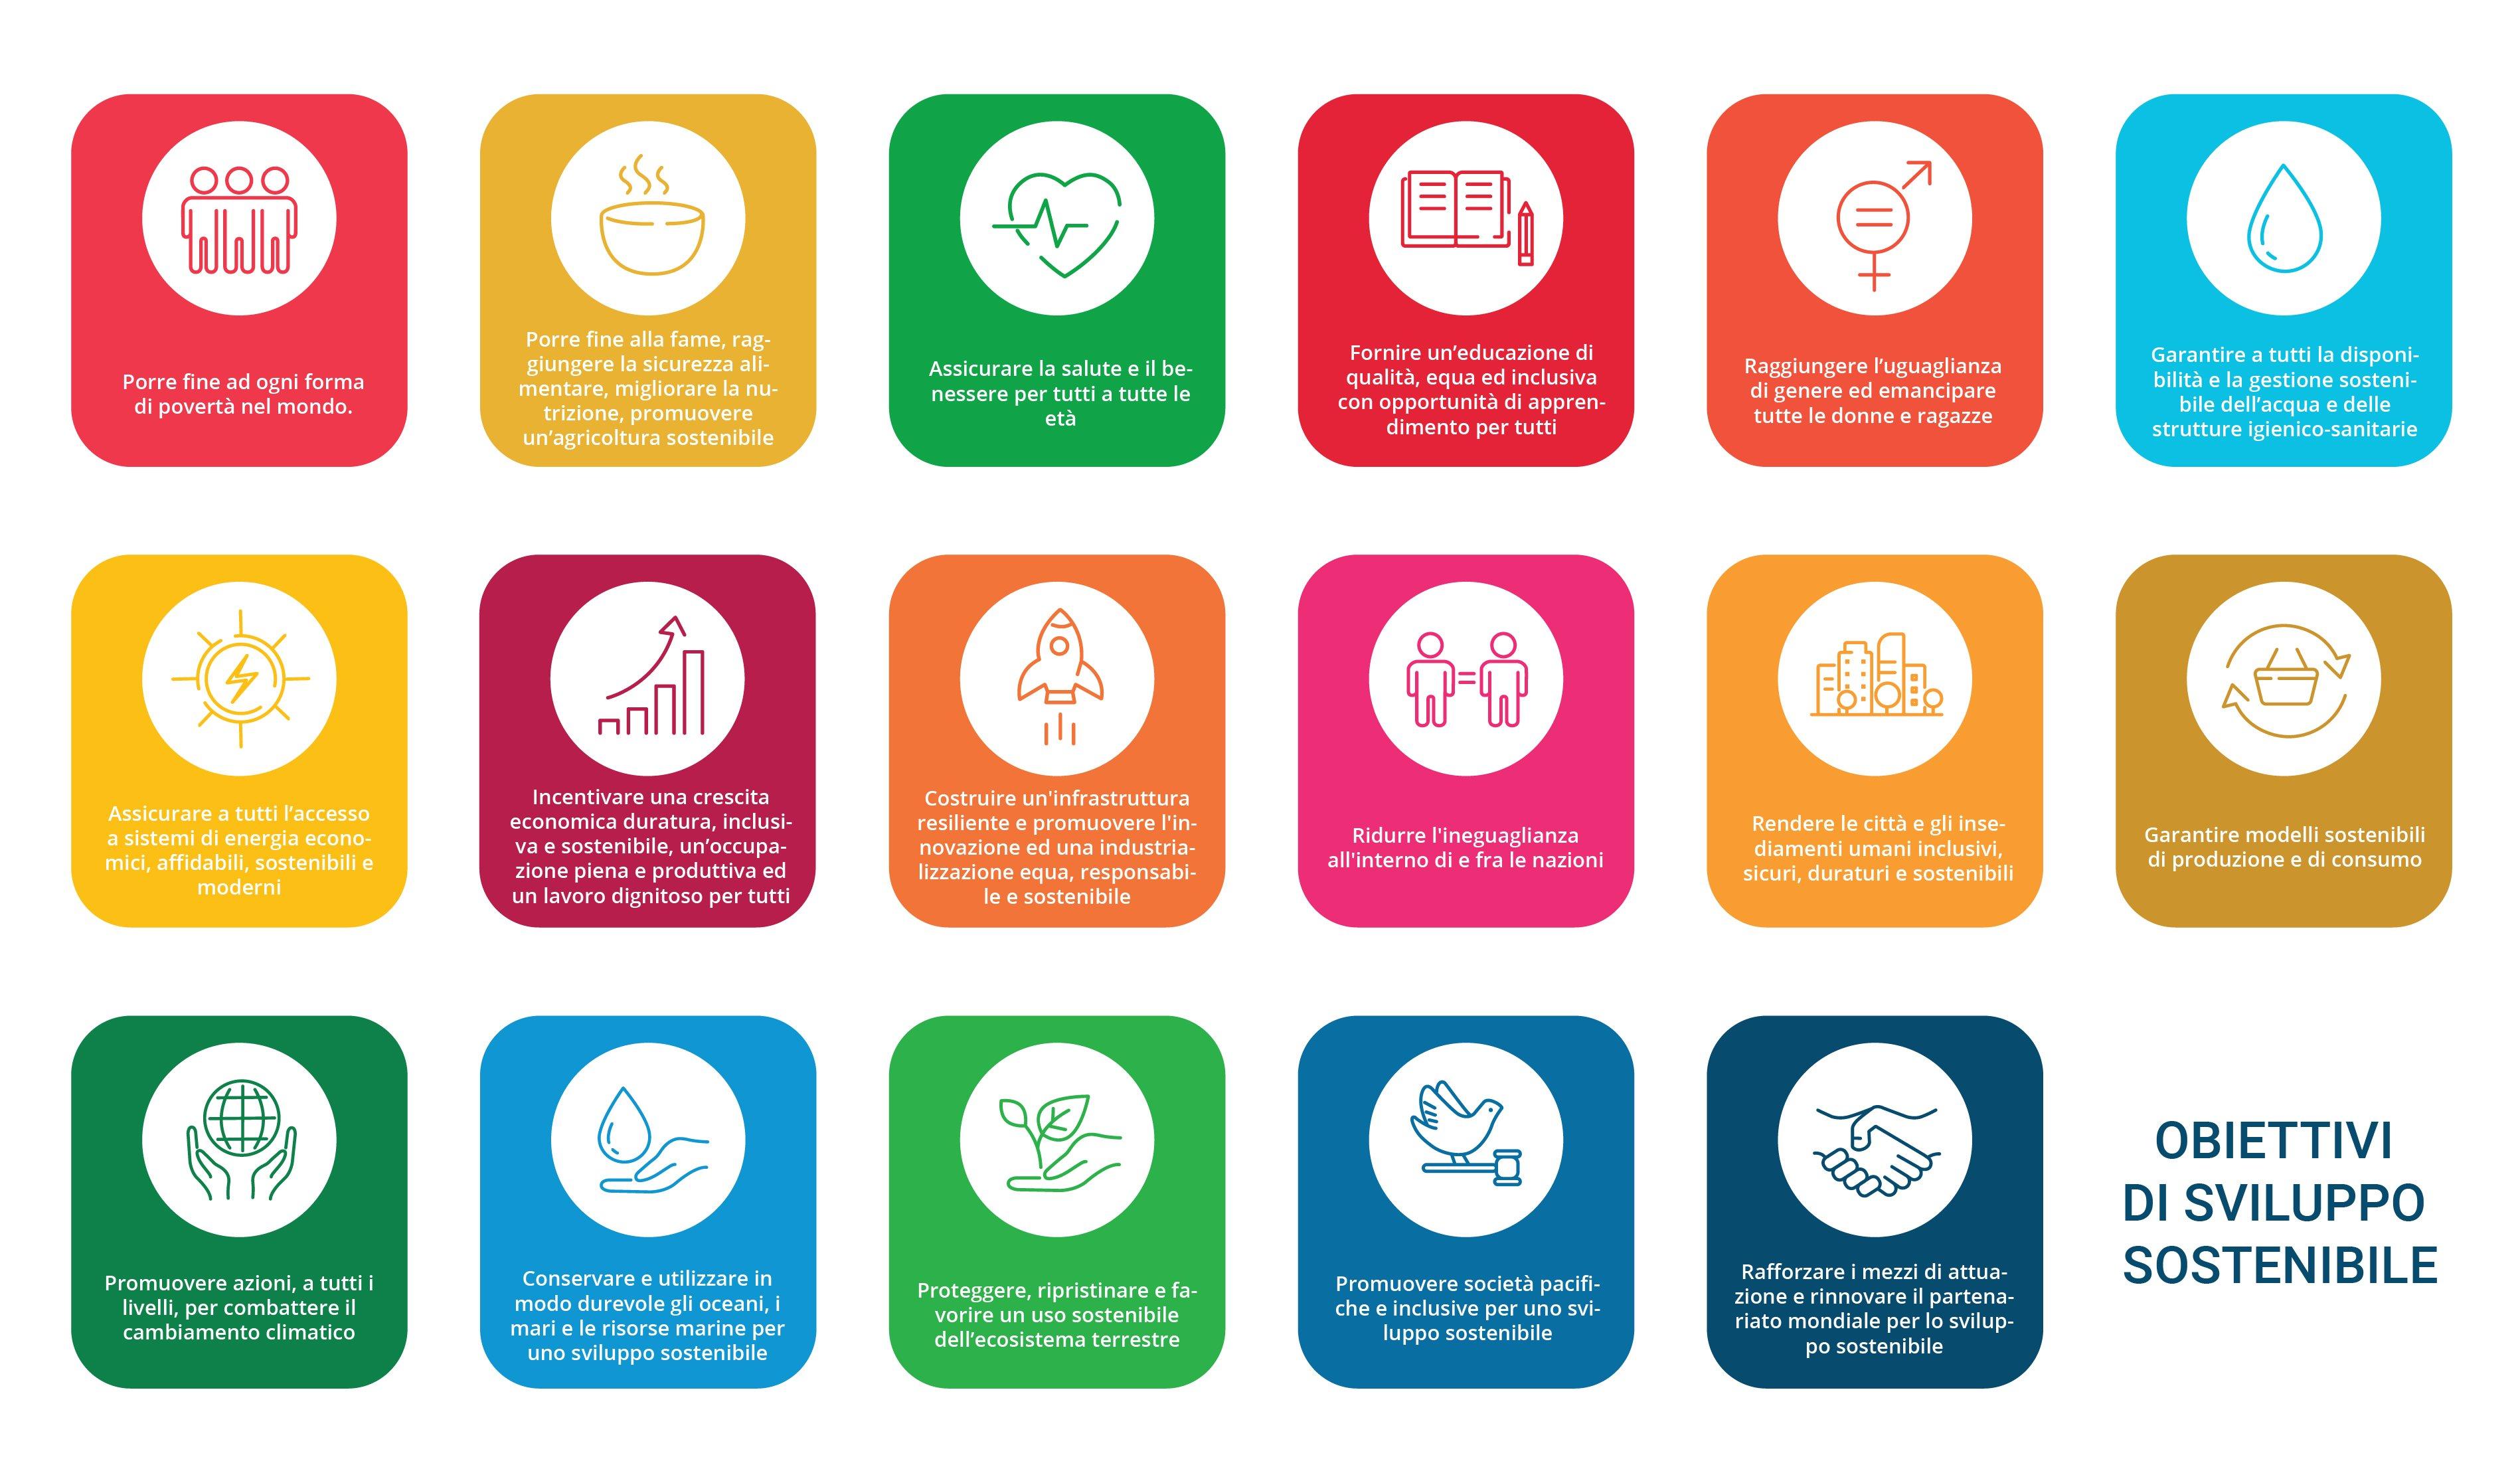 Agenza 2030 obiettivi delle aziende per lo sviluppo sostenibile